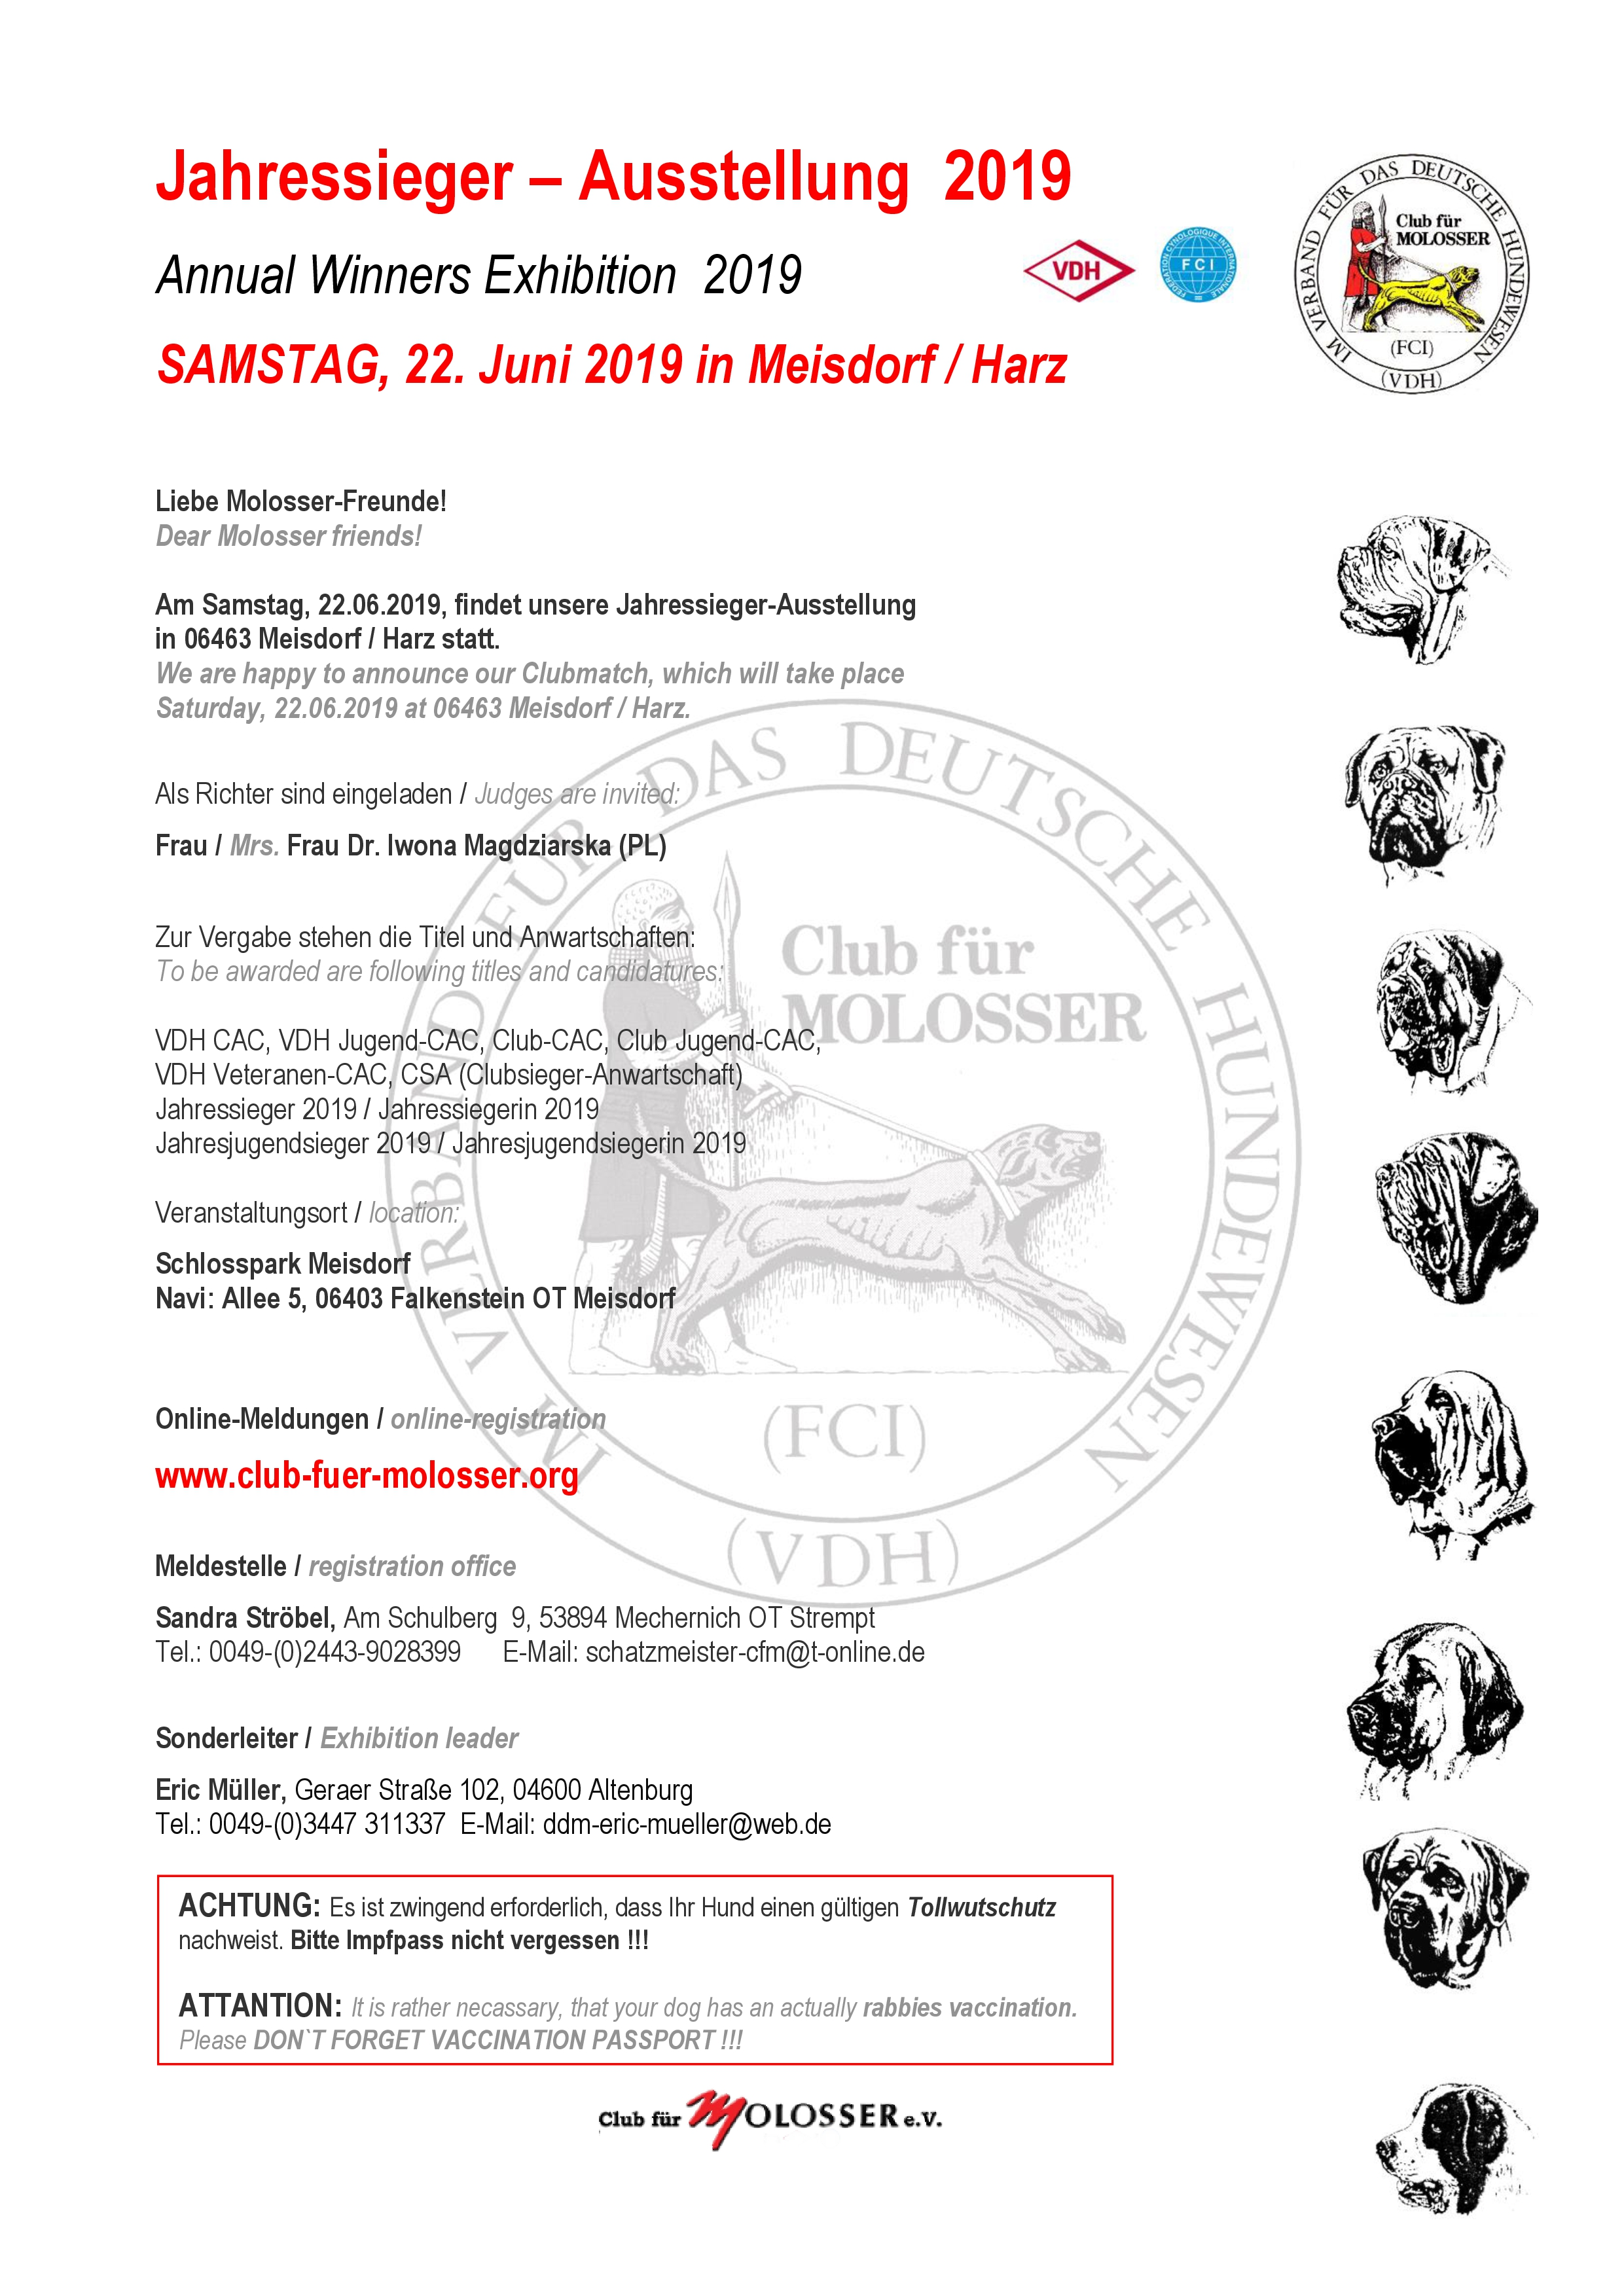 Einladung zur Jahressiegerausstellung 2019_zweisprachig_Wasserzeichen_1